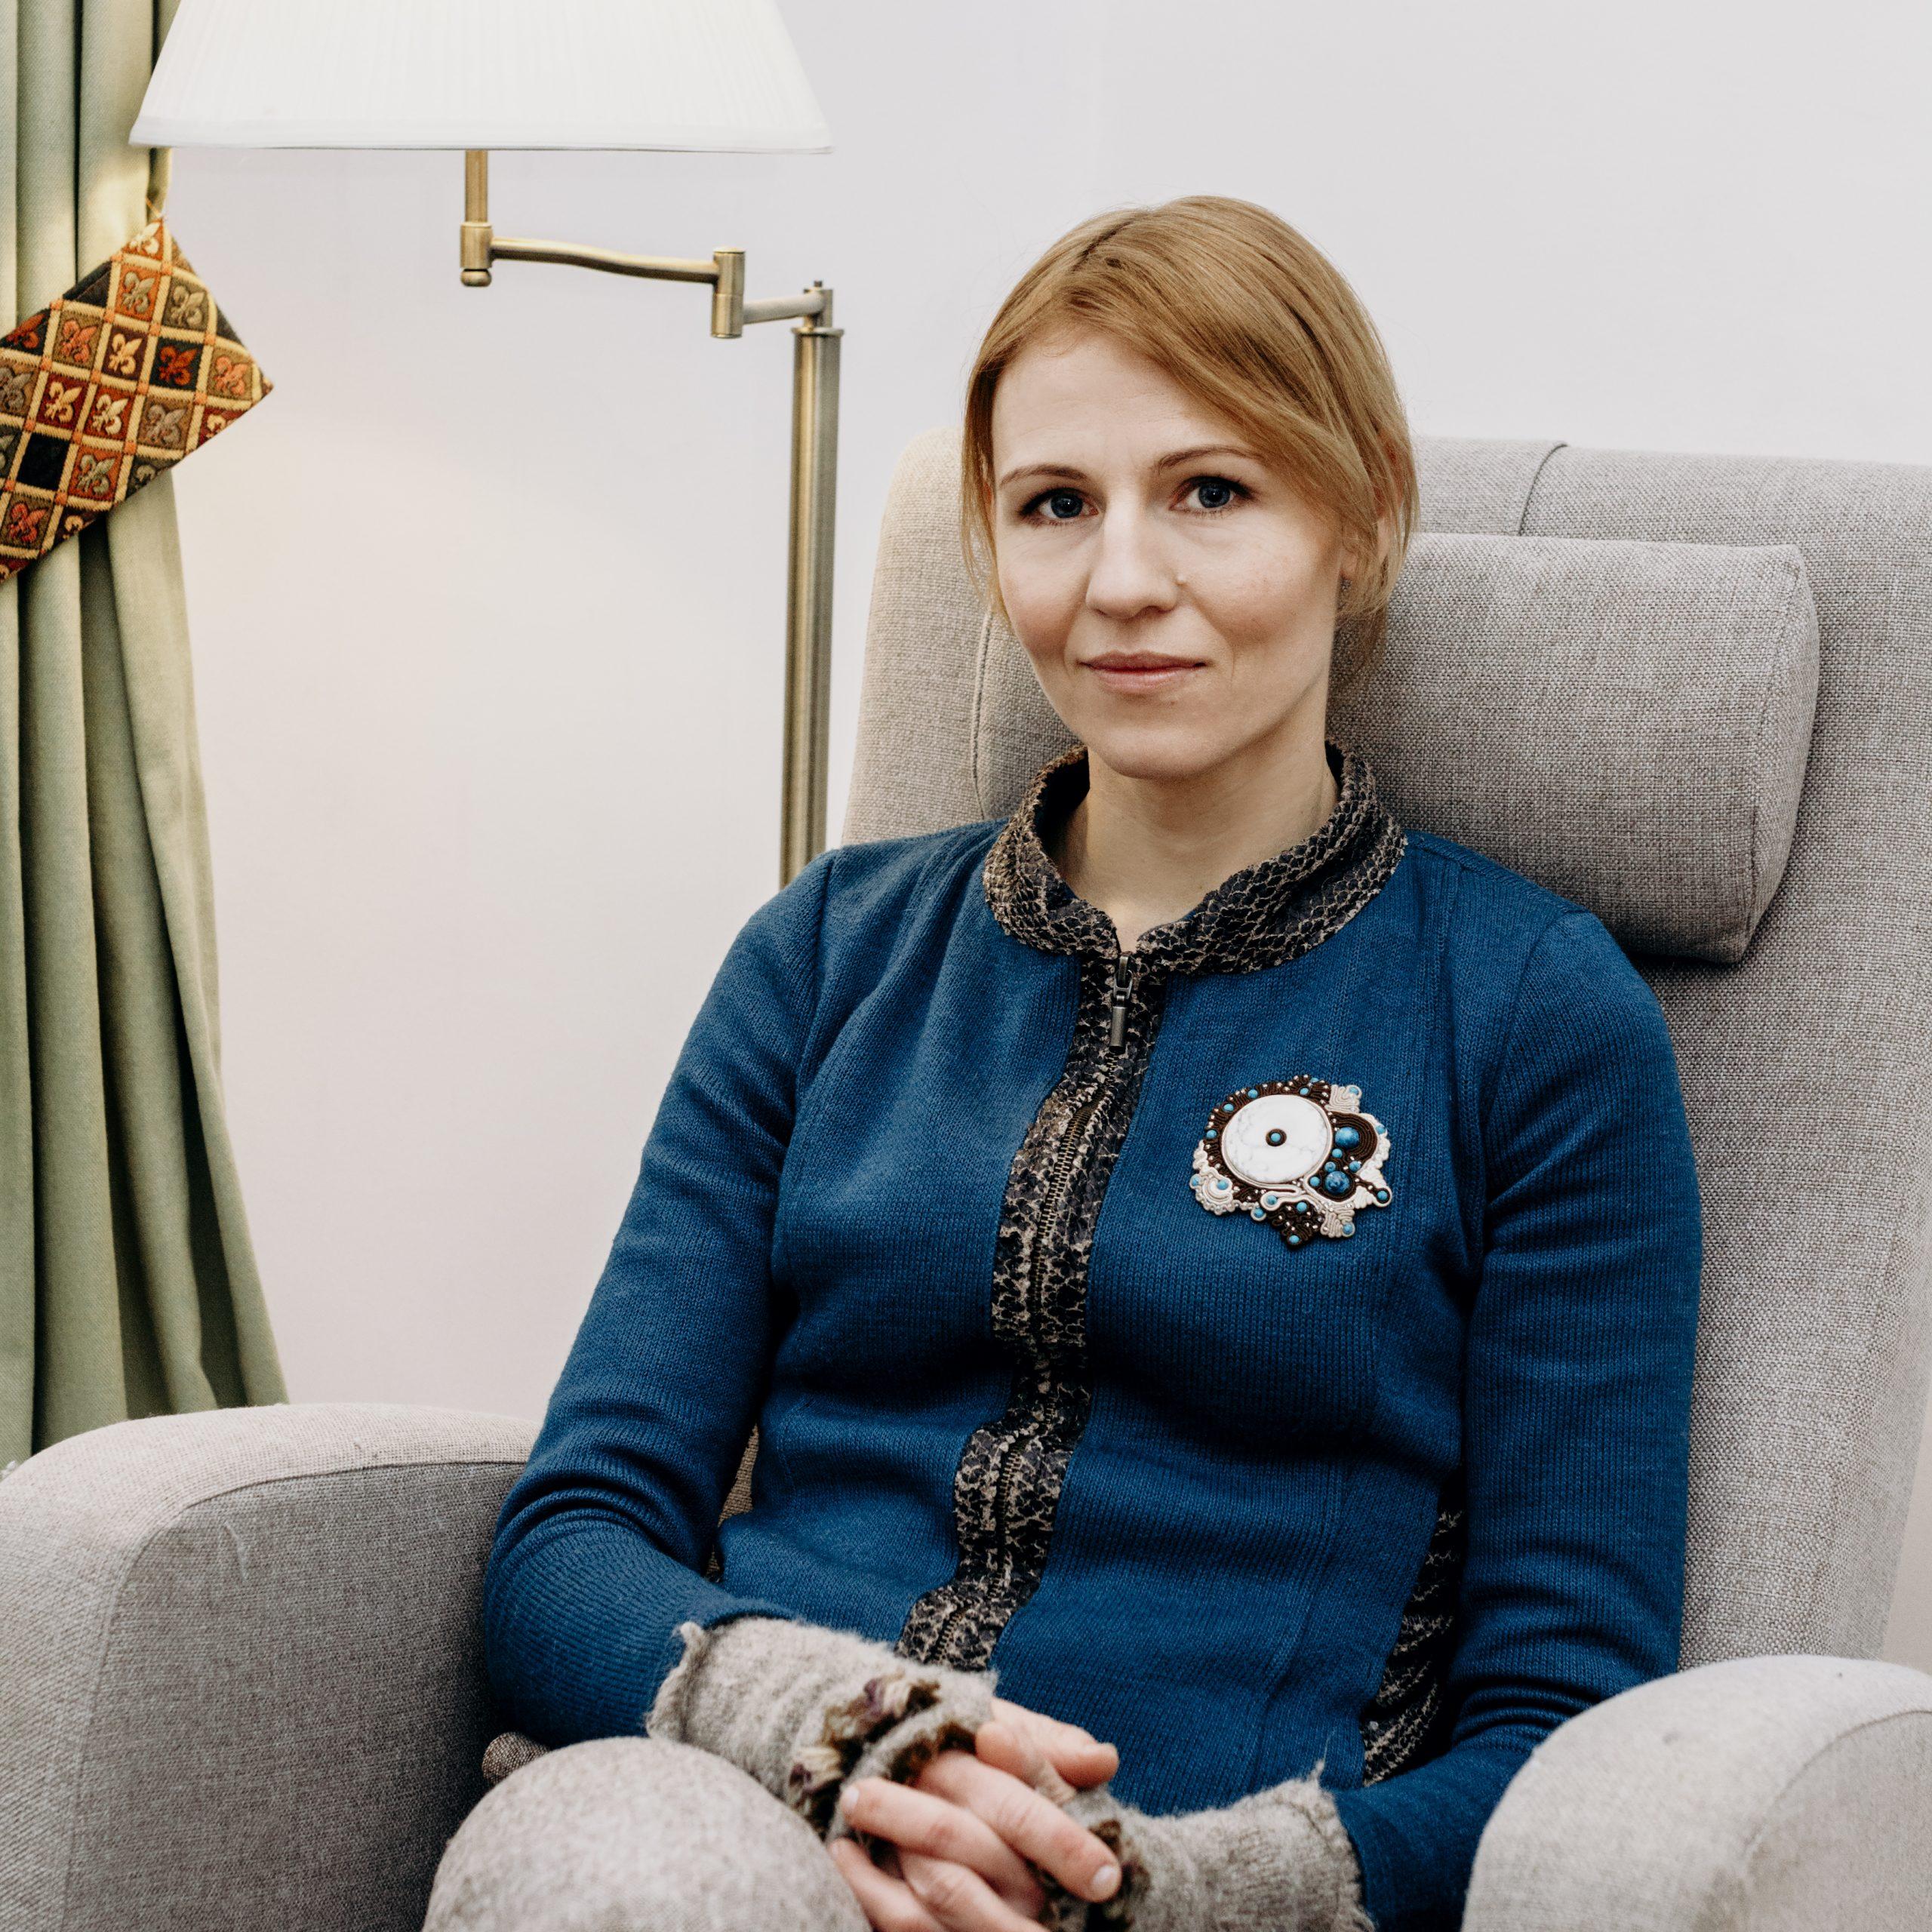 Sigita Valevičienė